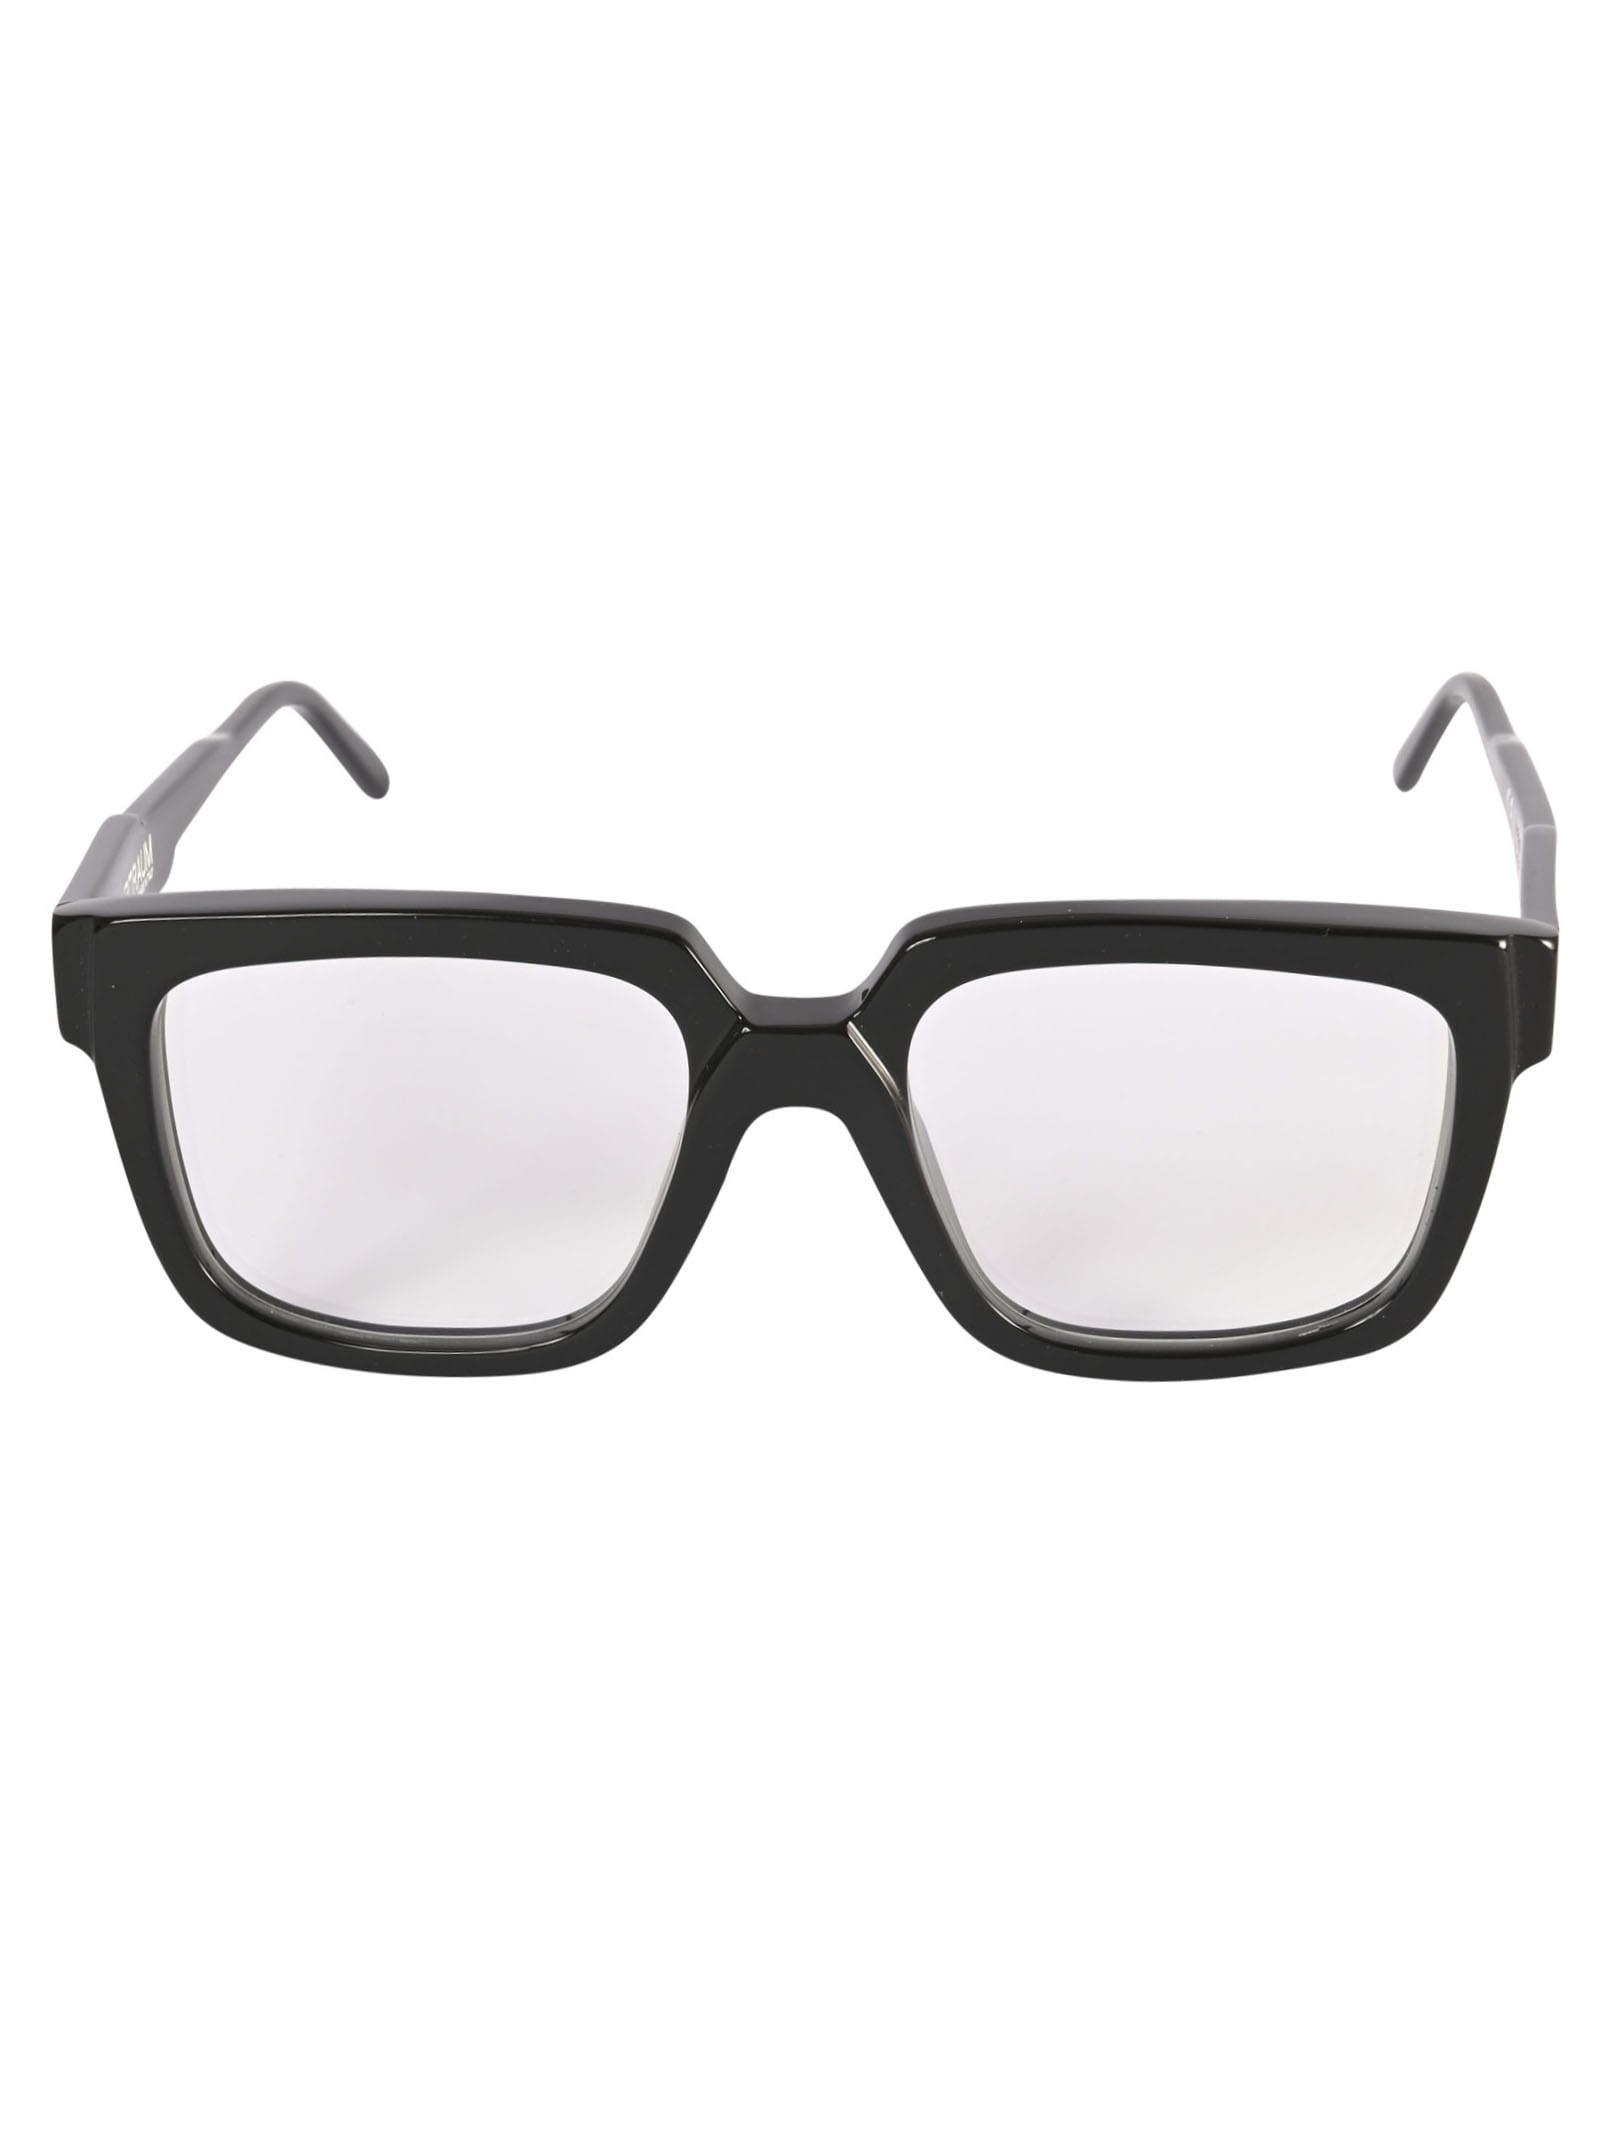 Kuboraum Opticals CLASSIC SQUARE FRAME GLASSES